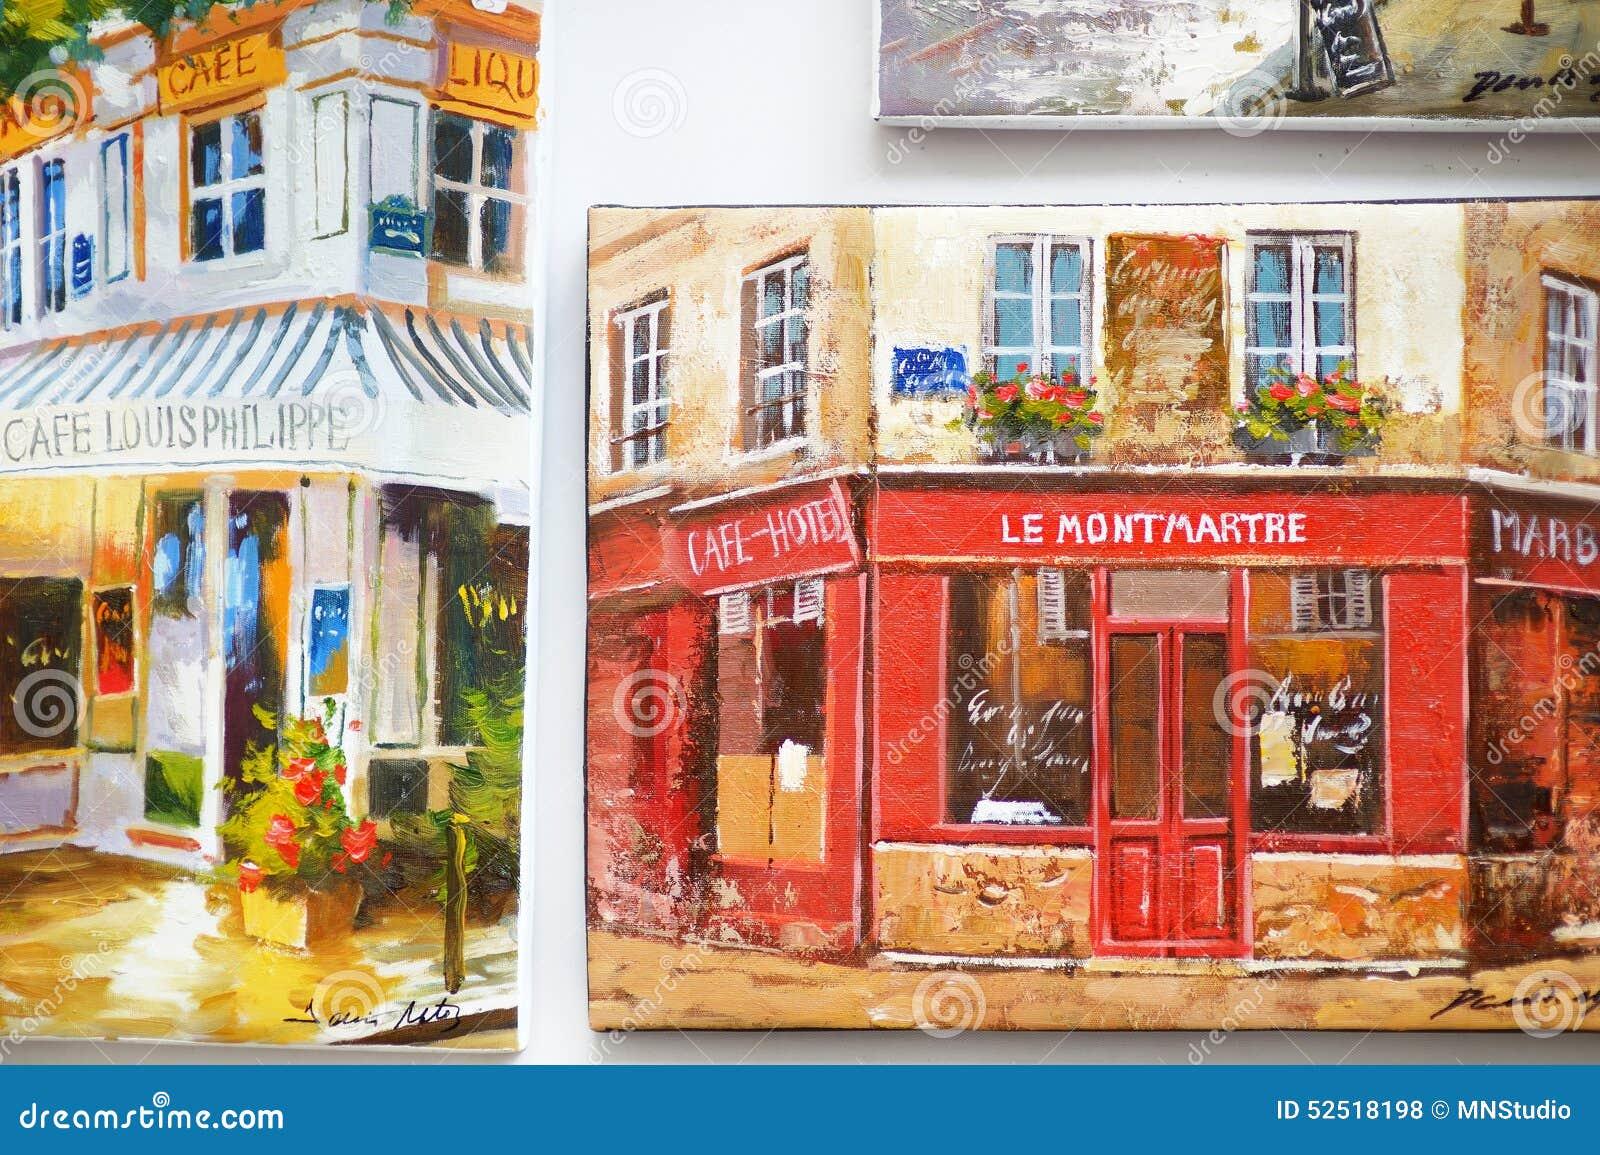 1er mars 2015 paris peintures la boutique de souvenirs photo stock ditorial image 52518198. Black Bedroom Furniture Sets. Home Design Ideas